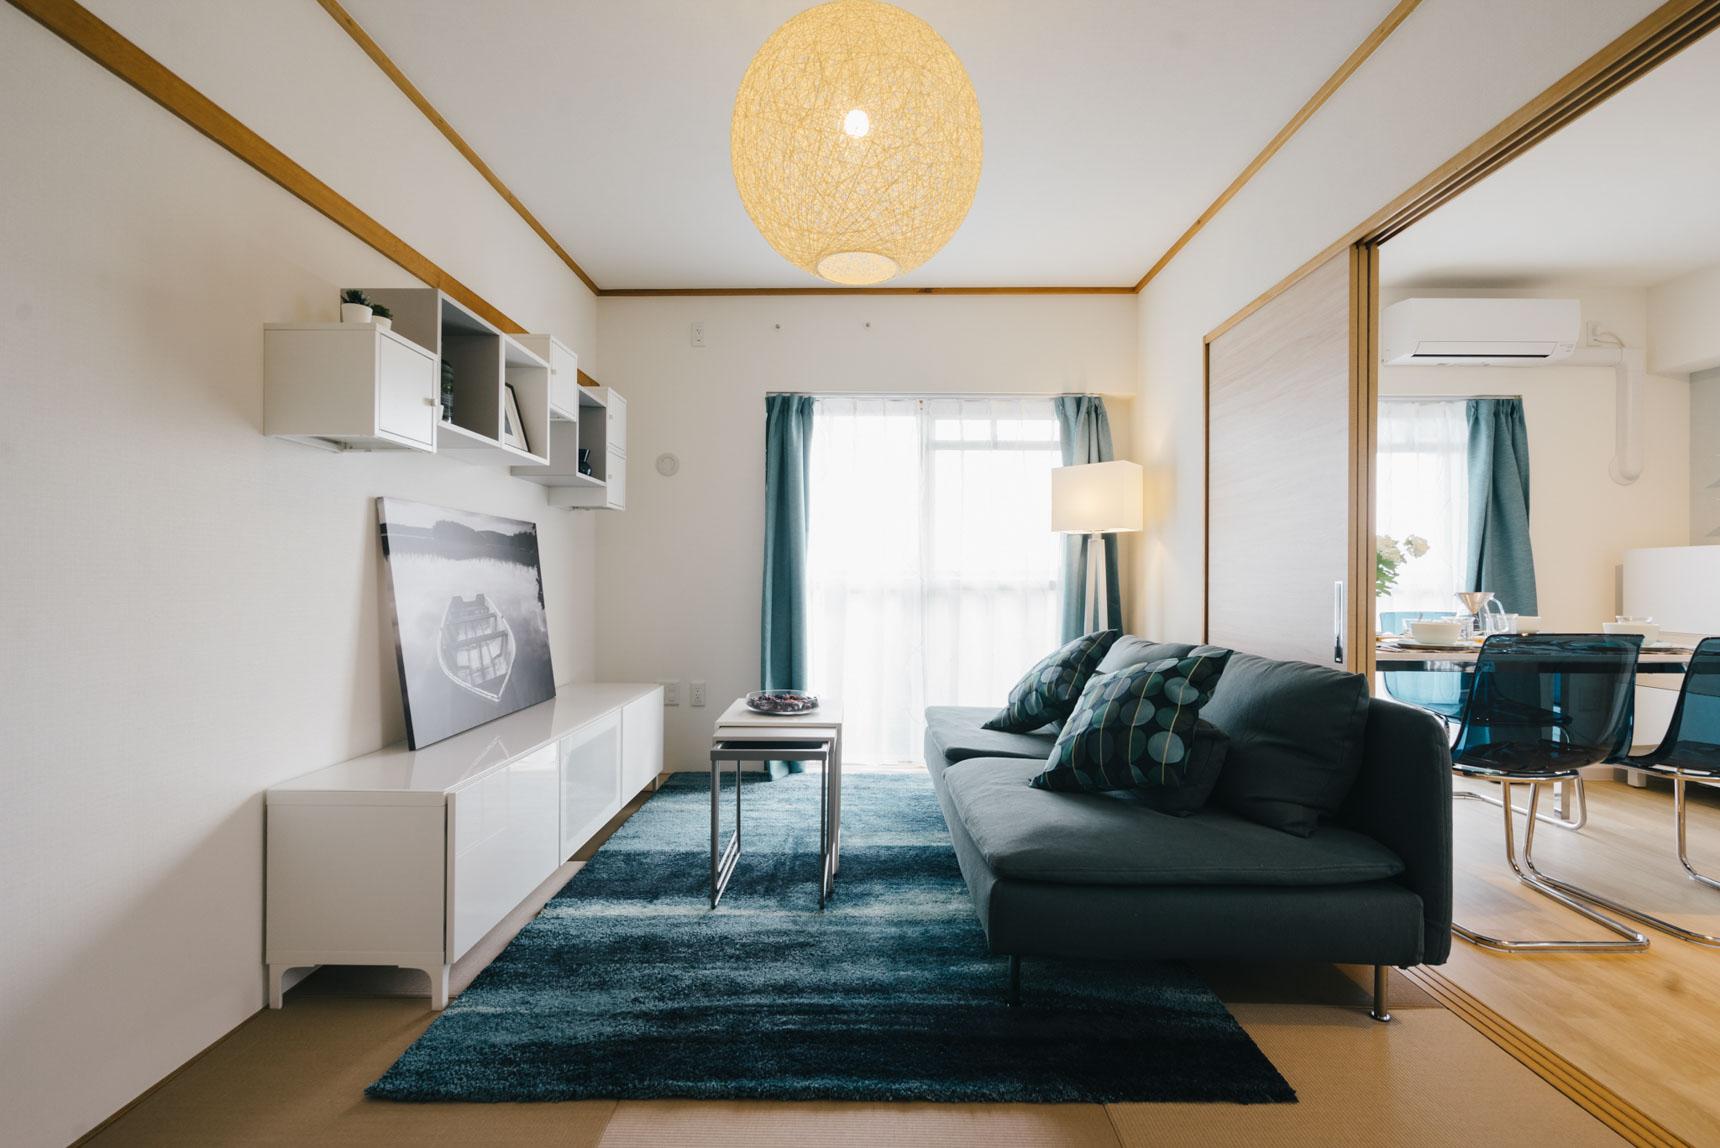 もう一度、リビングを。イケアでの家具選びが一層楽しくなりそうなお部屋です。